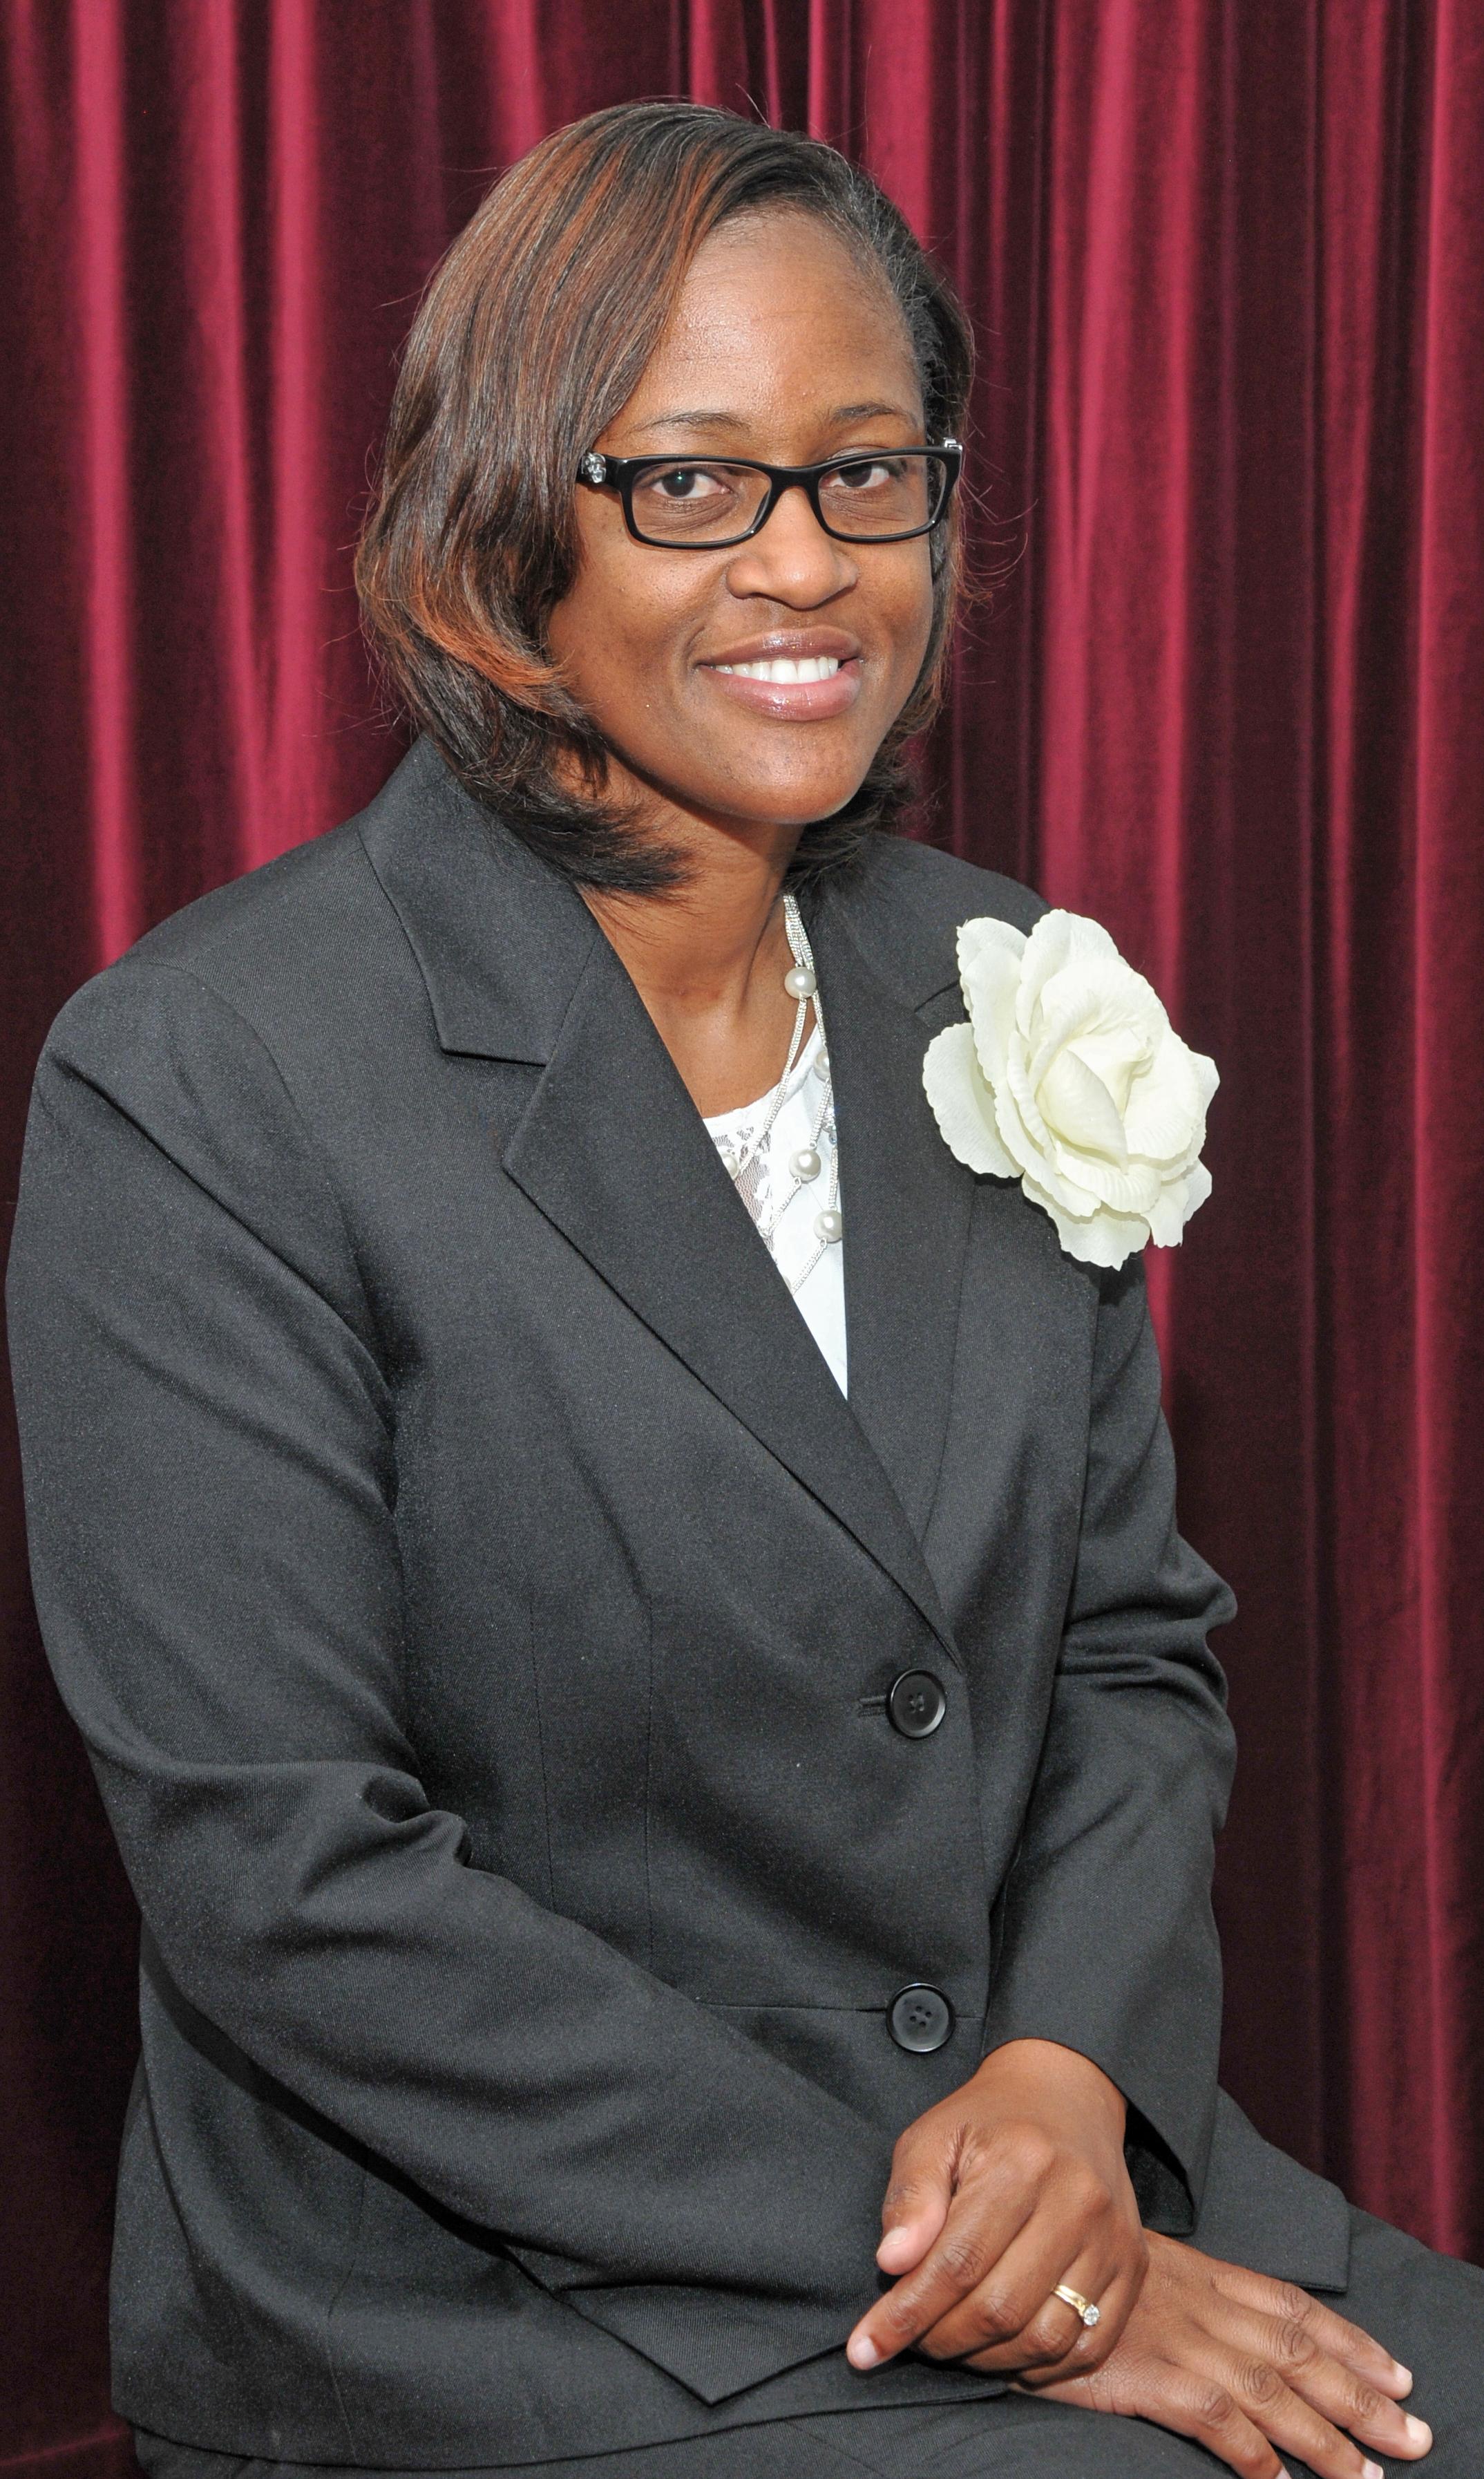 Mrs. Tangela Baisden